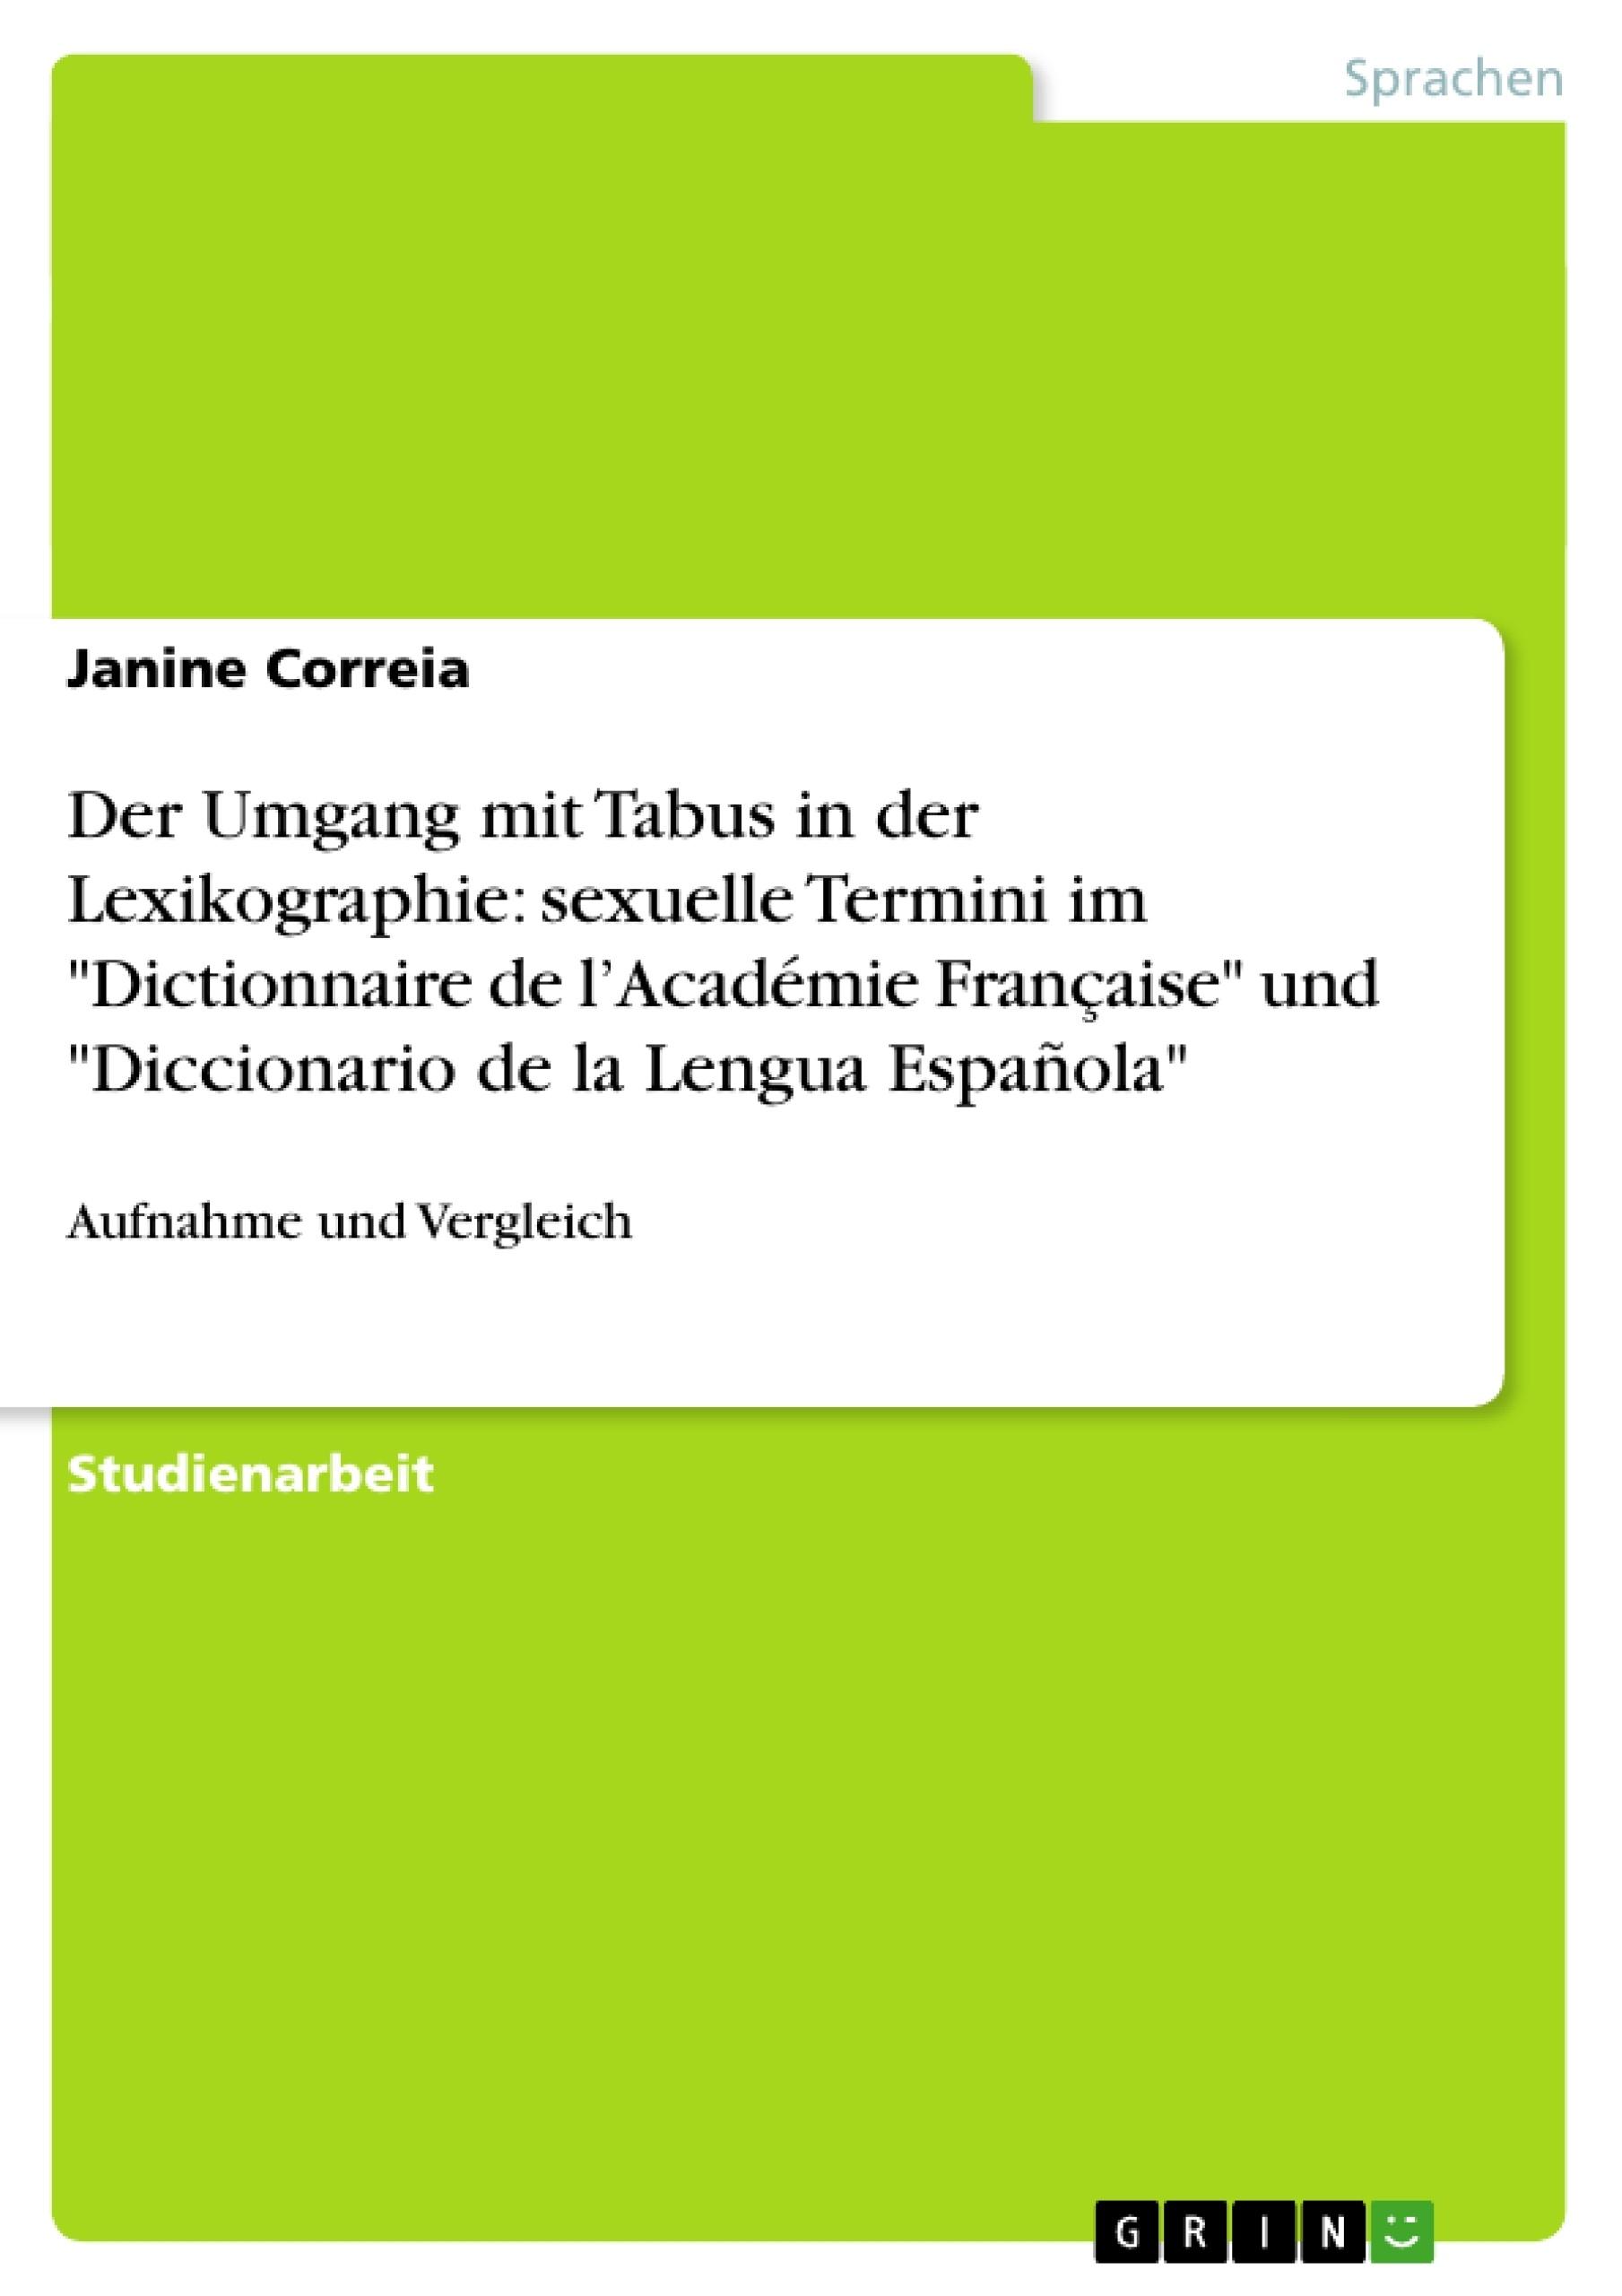 """Titel: Der Umgang mit Tabus in der Lexikographie: sexuelle Termini im """"Dictionnaire de l'Académie Française"""" und """"Diccionario de la Lengua Española"""""""